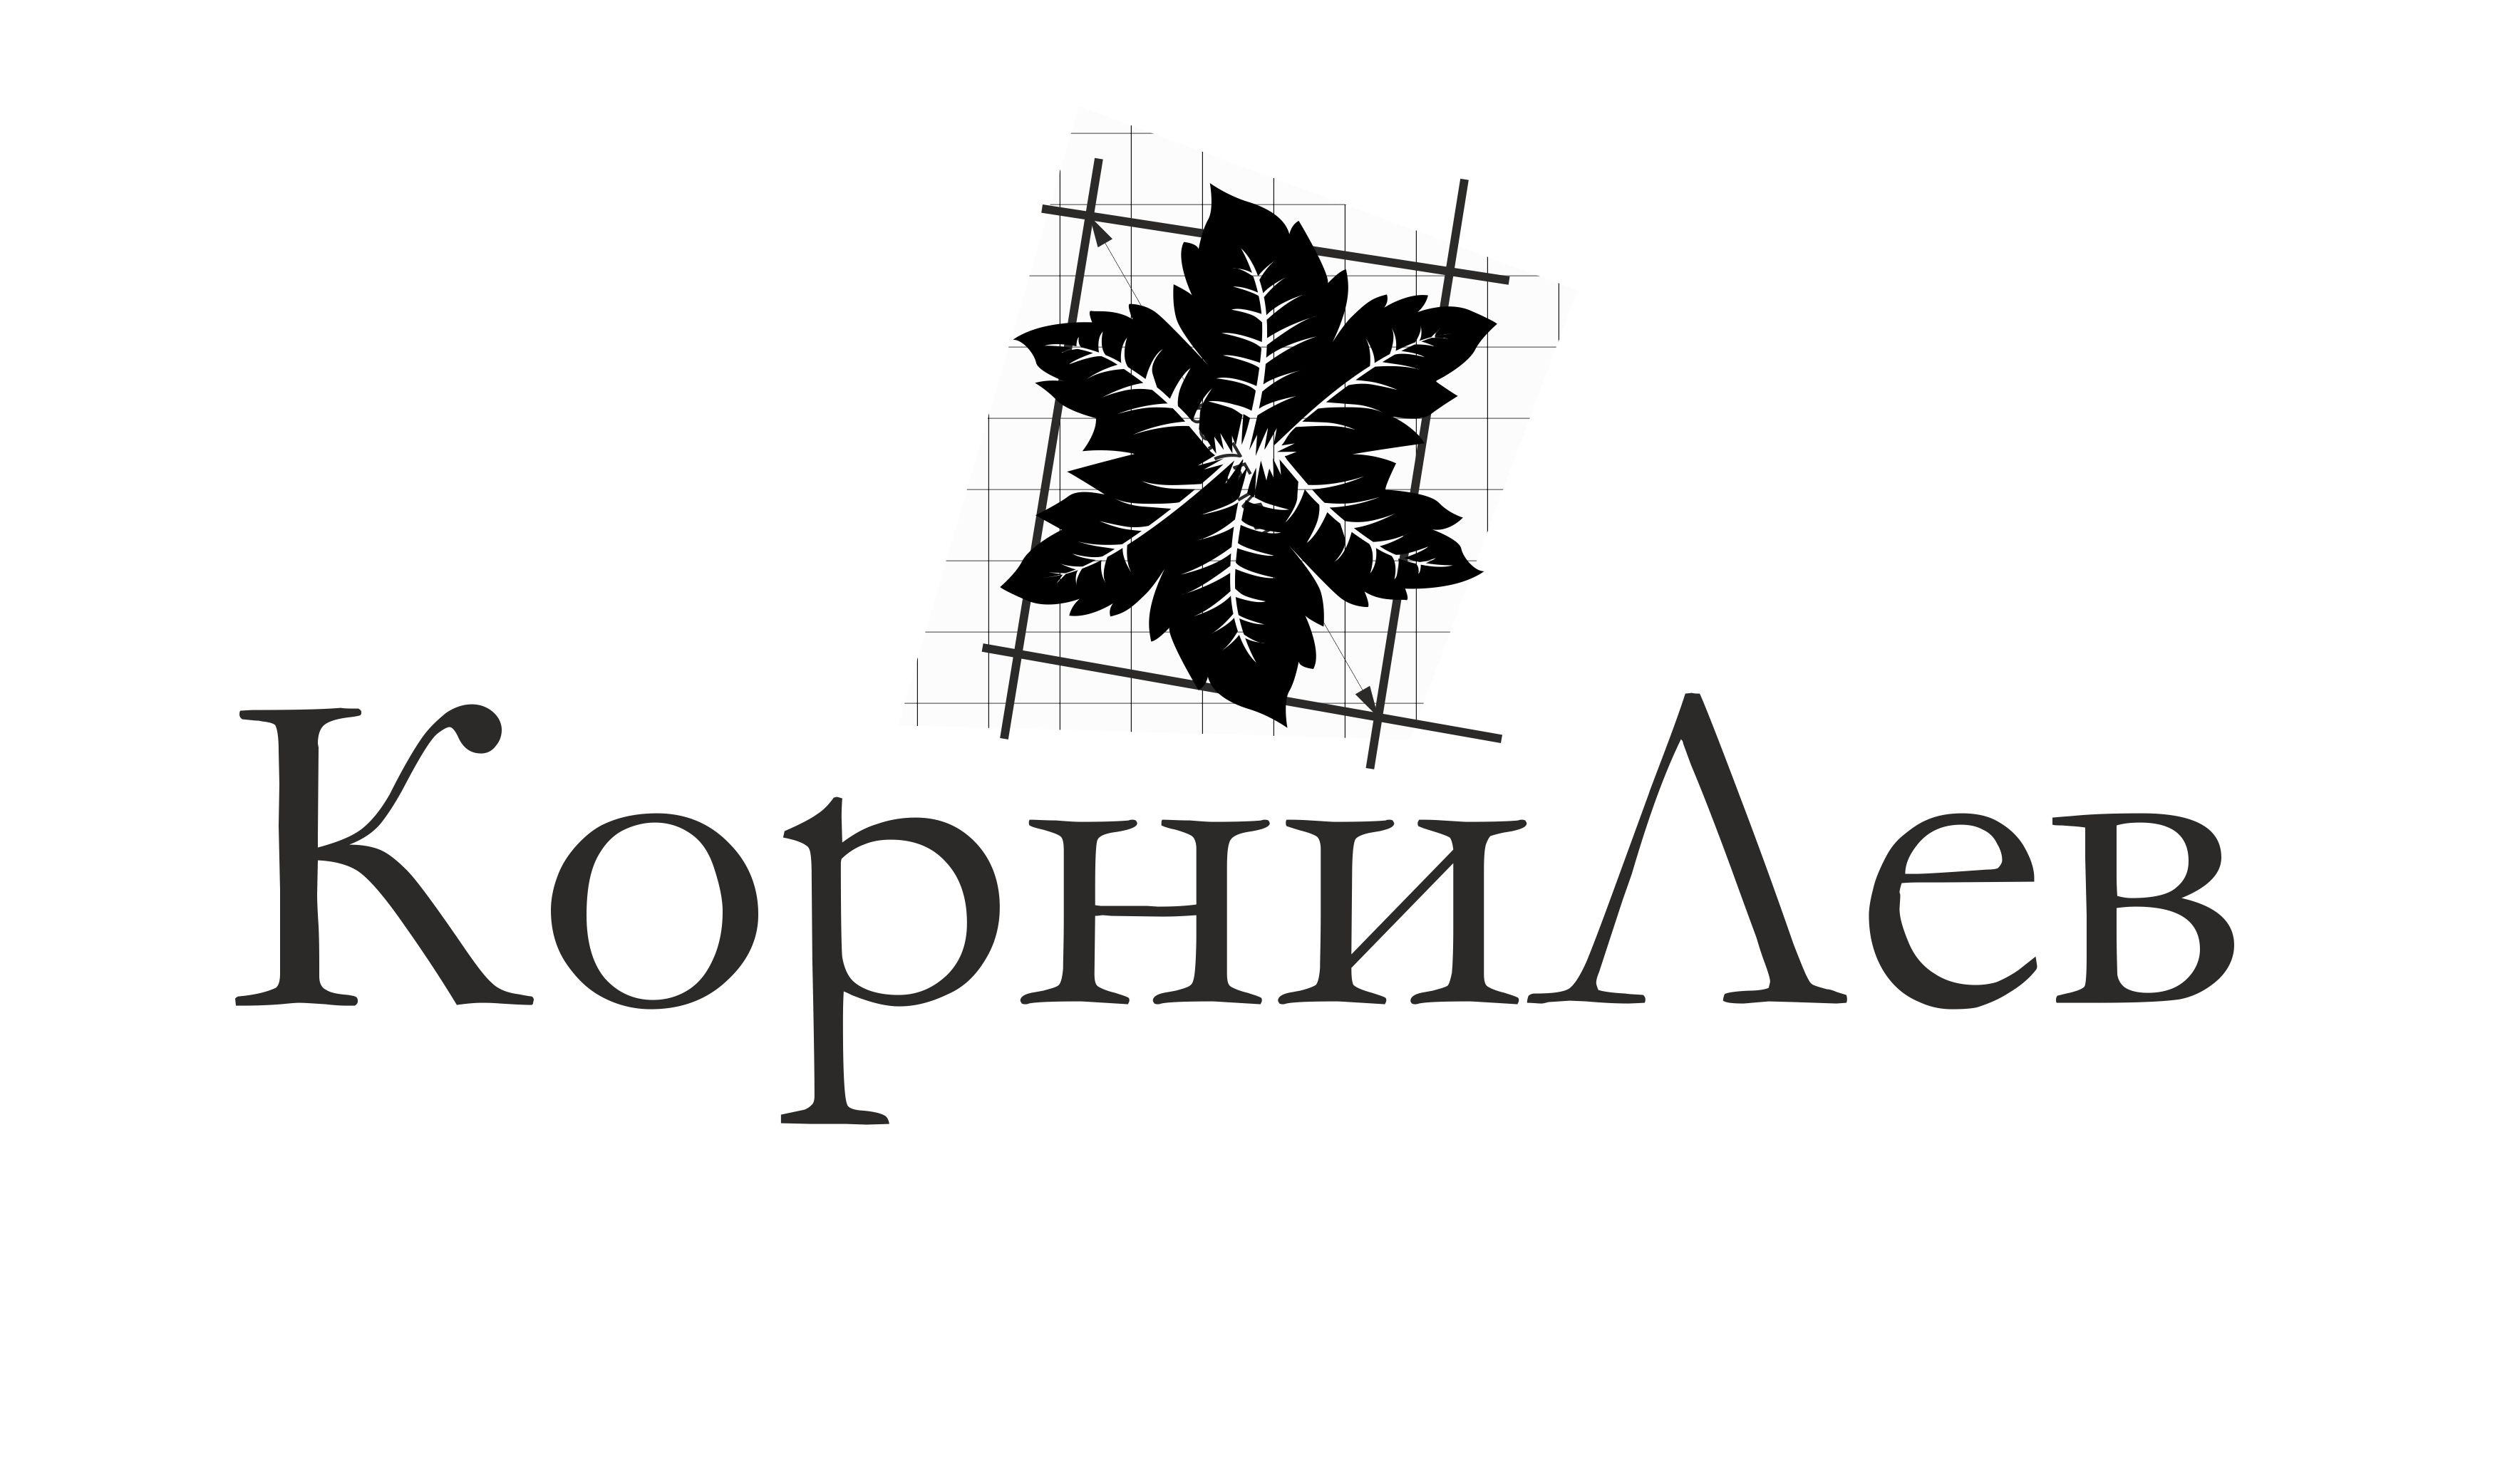 Логотип для компании КорниЛев - дизайнер toster108